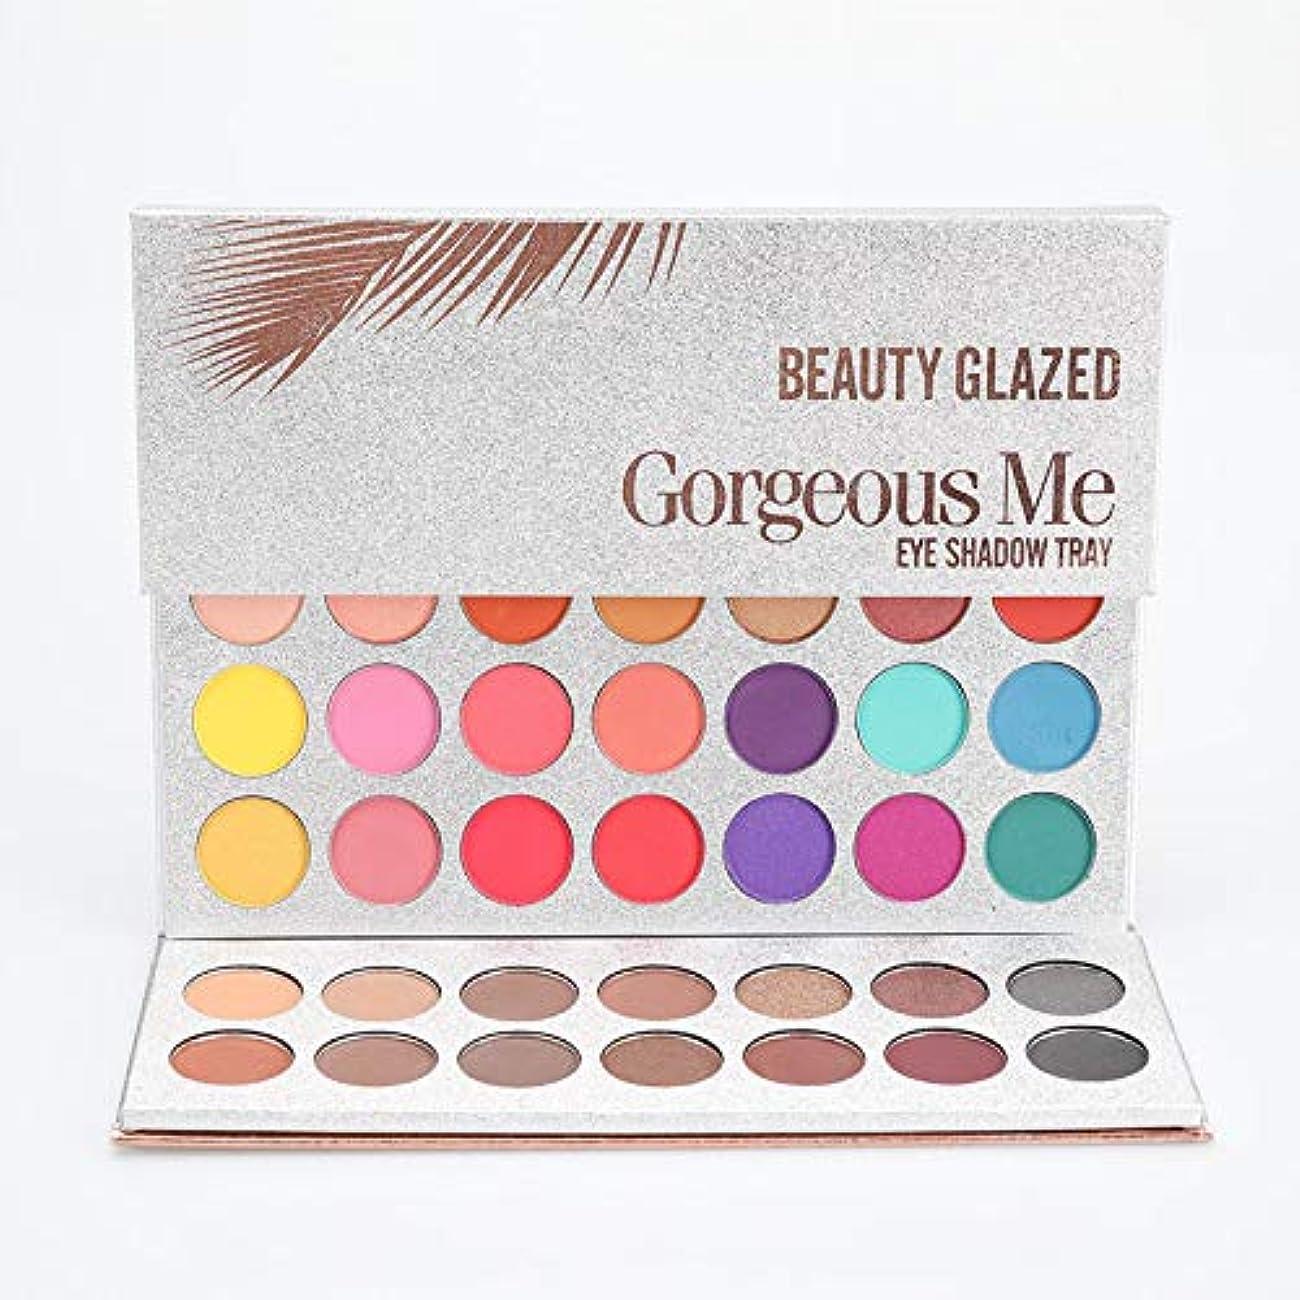 マイル神学校描く63 Color eyeshadow pallete Glitter Makeup Matte Eye shadow make up palette maquillage paleta de sombra 63色のアイシャドーパレエキラキラメイクアップマットアイシャドウメイクアップパレットマキアージュパレタデムブラブ